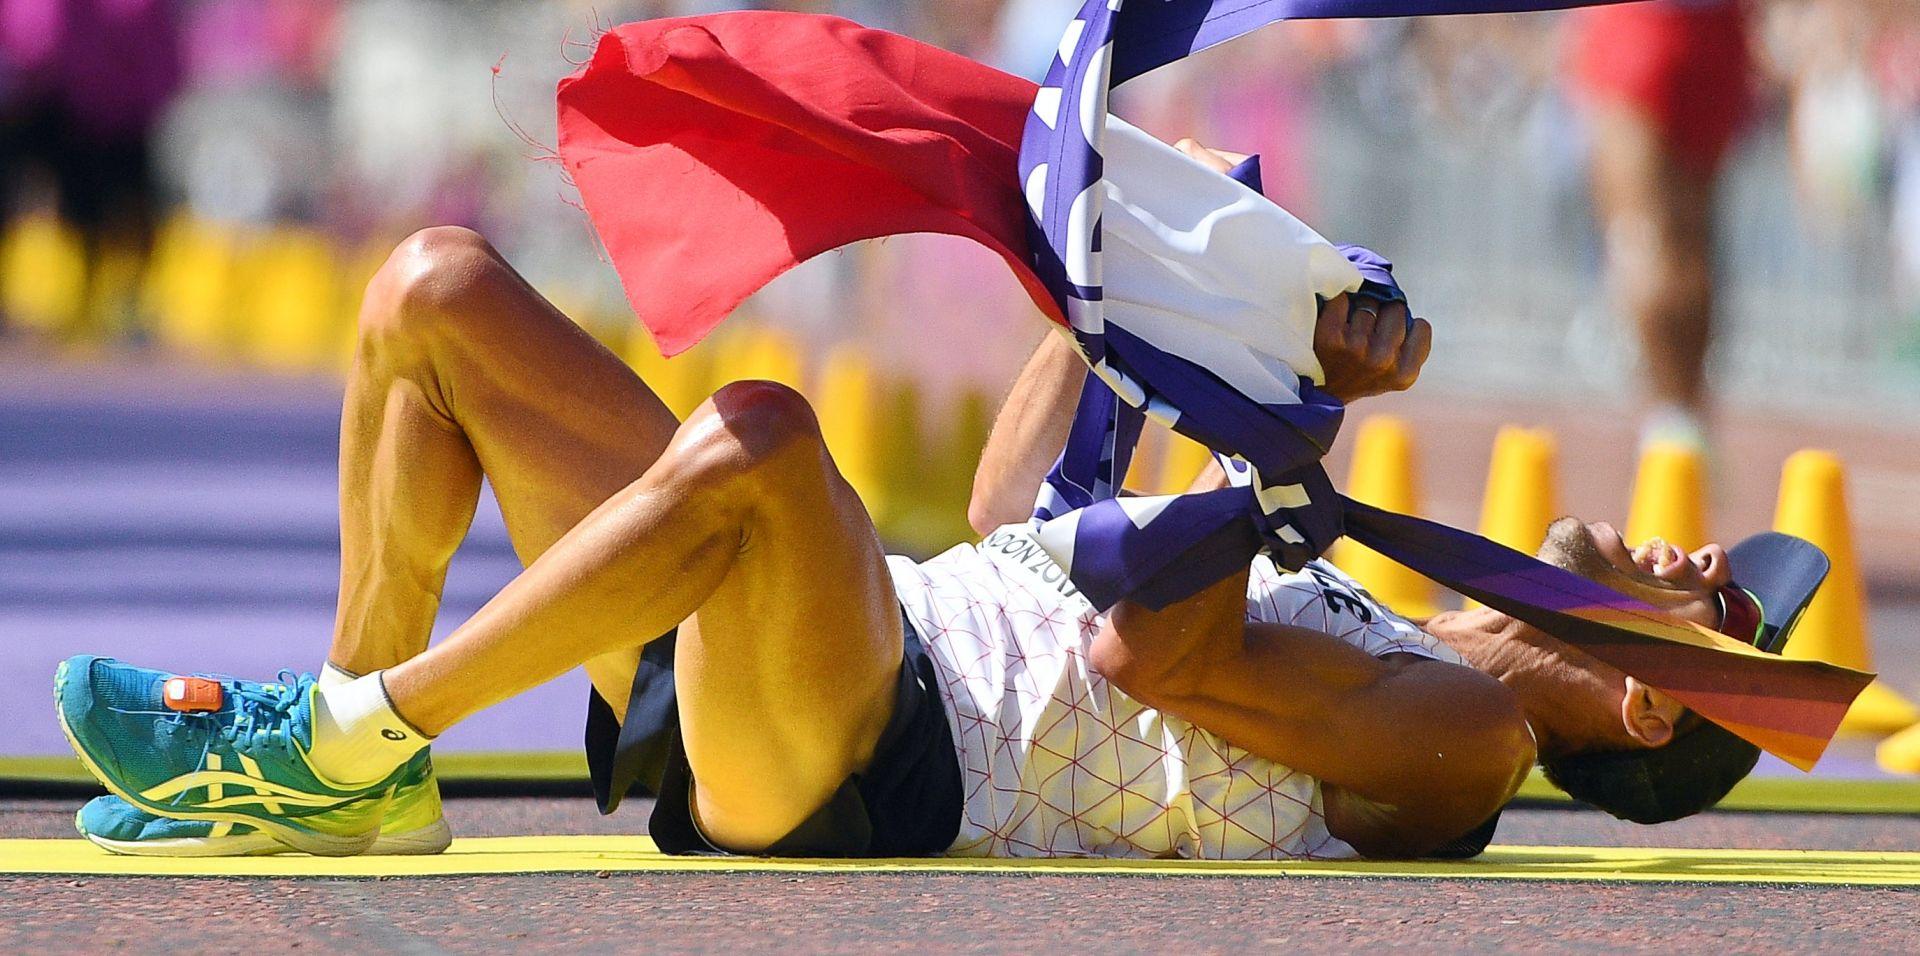 ATLETSKO SP Francuzu Dinizu zlato na 50 km brzo hodanje